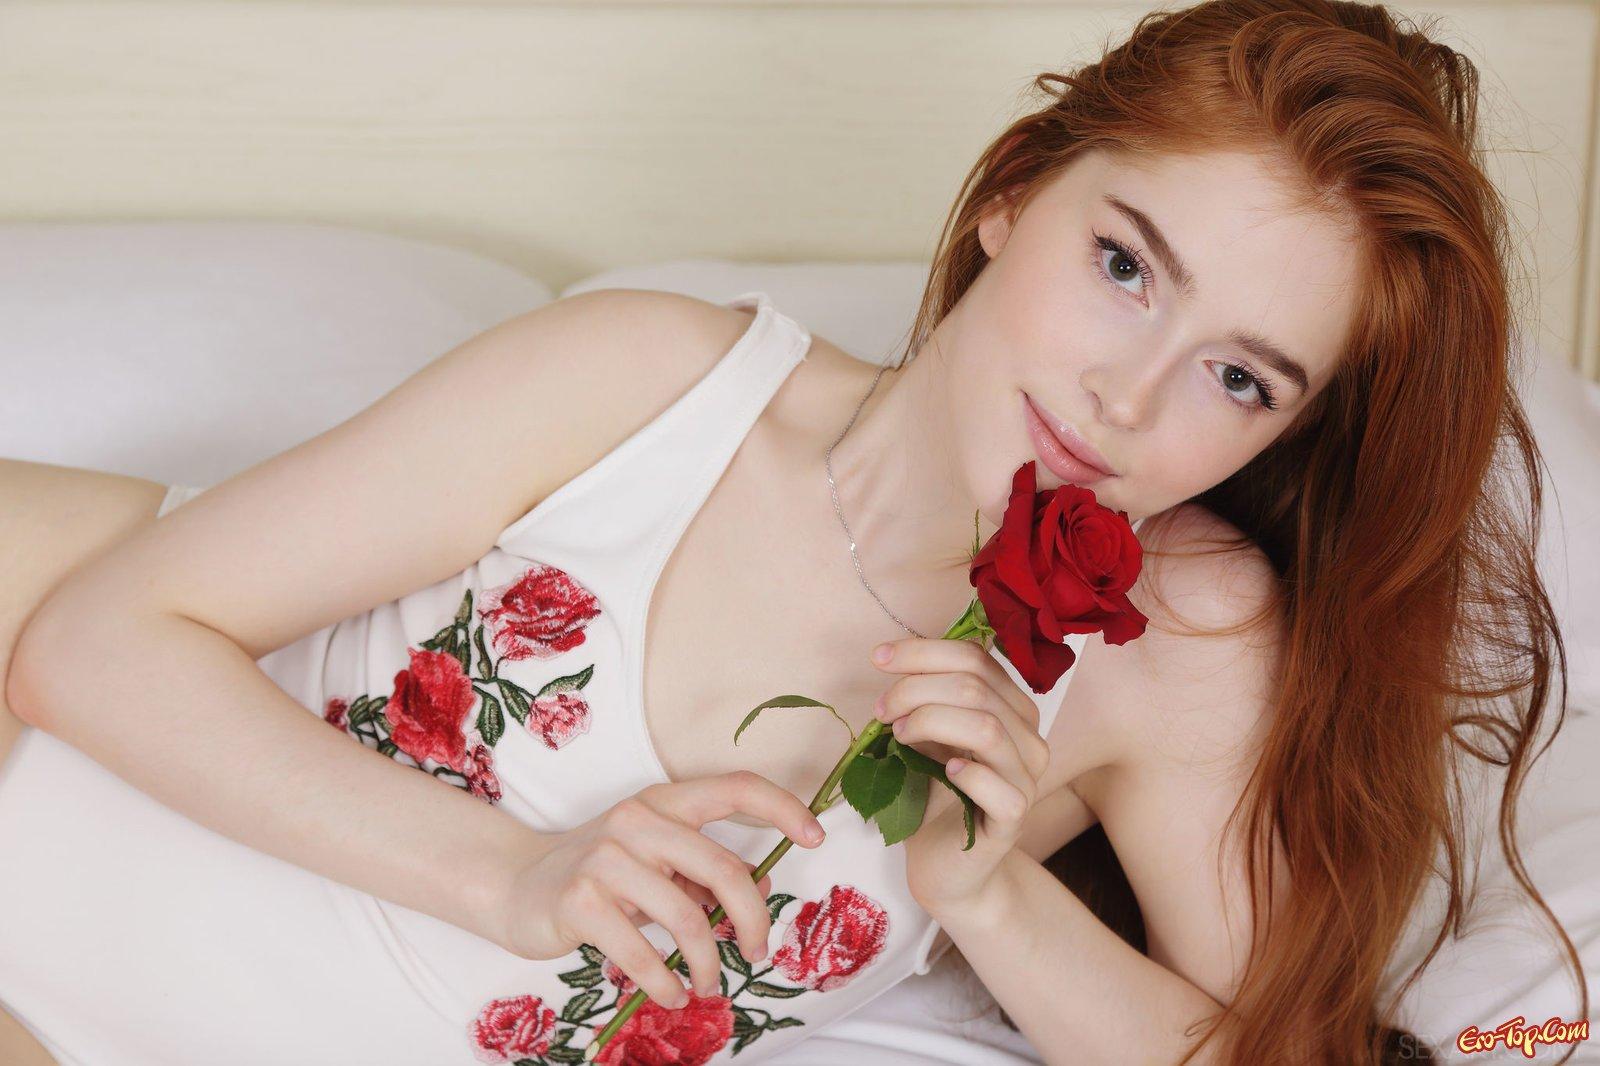 Рыжая милашка с плоской грудью позирует на кровати